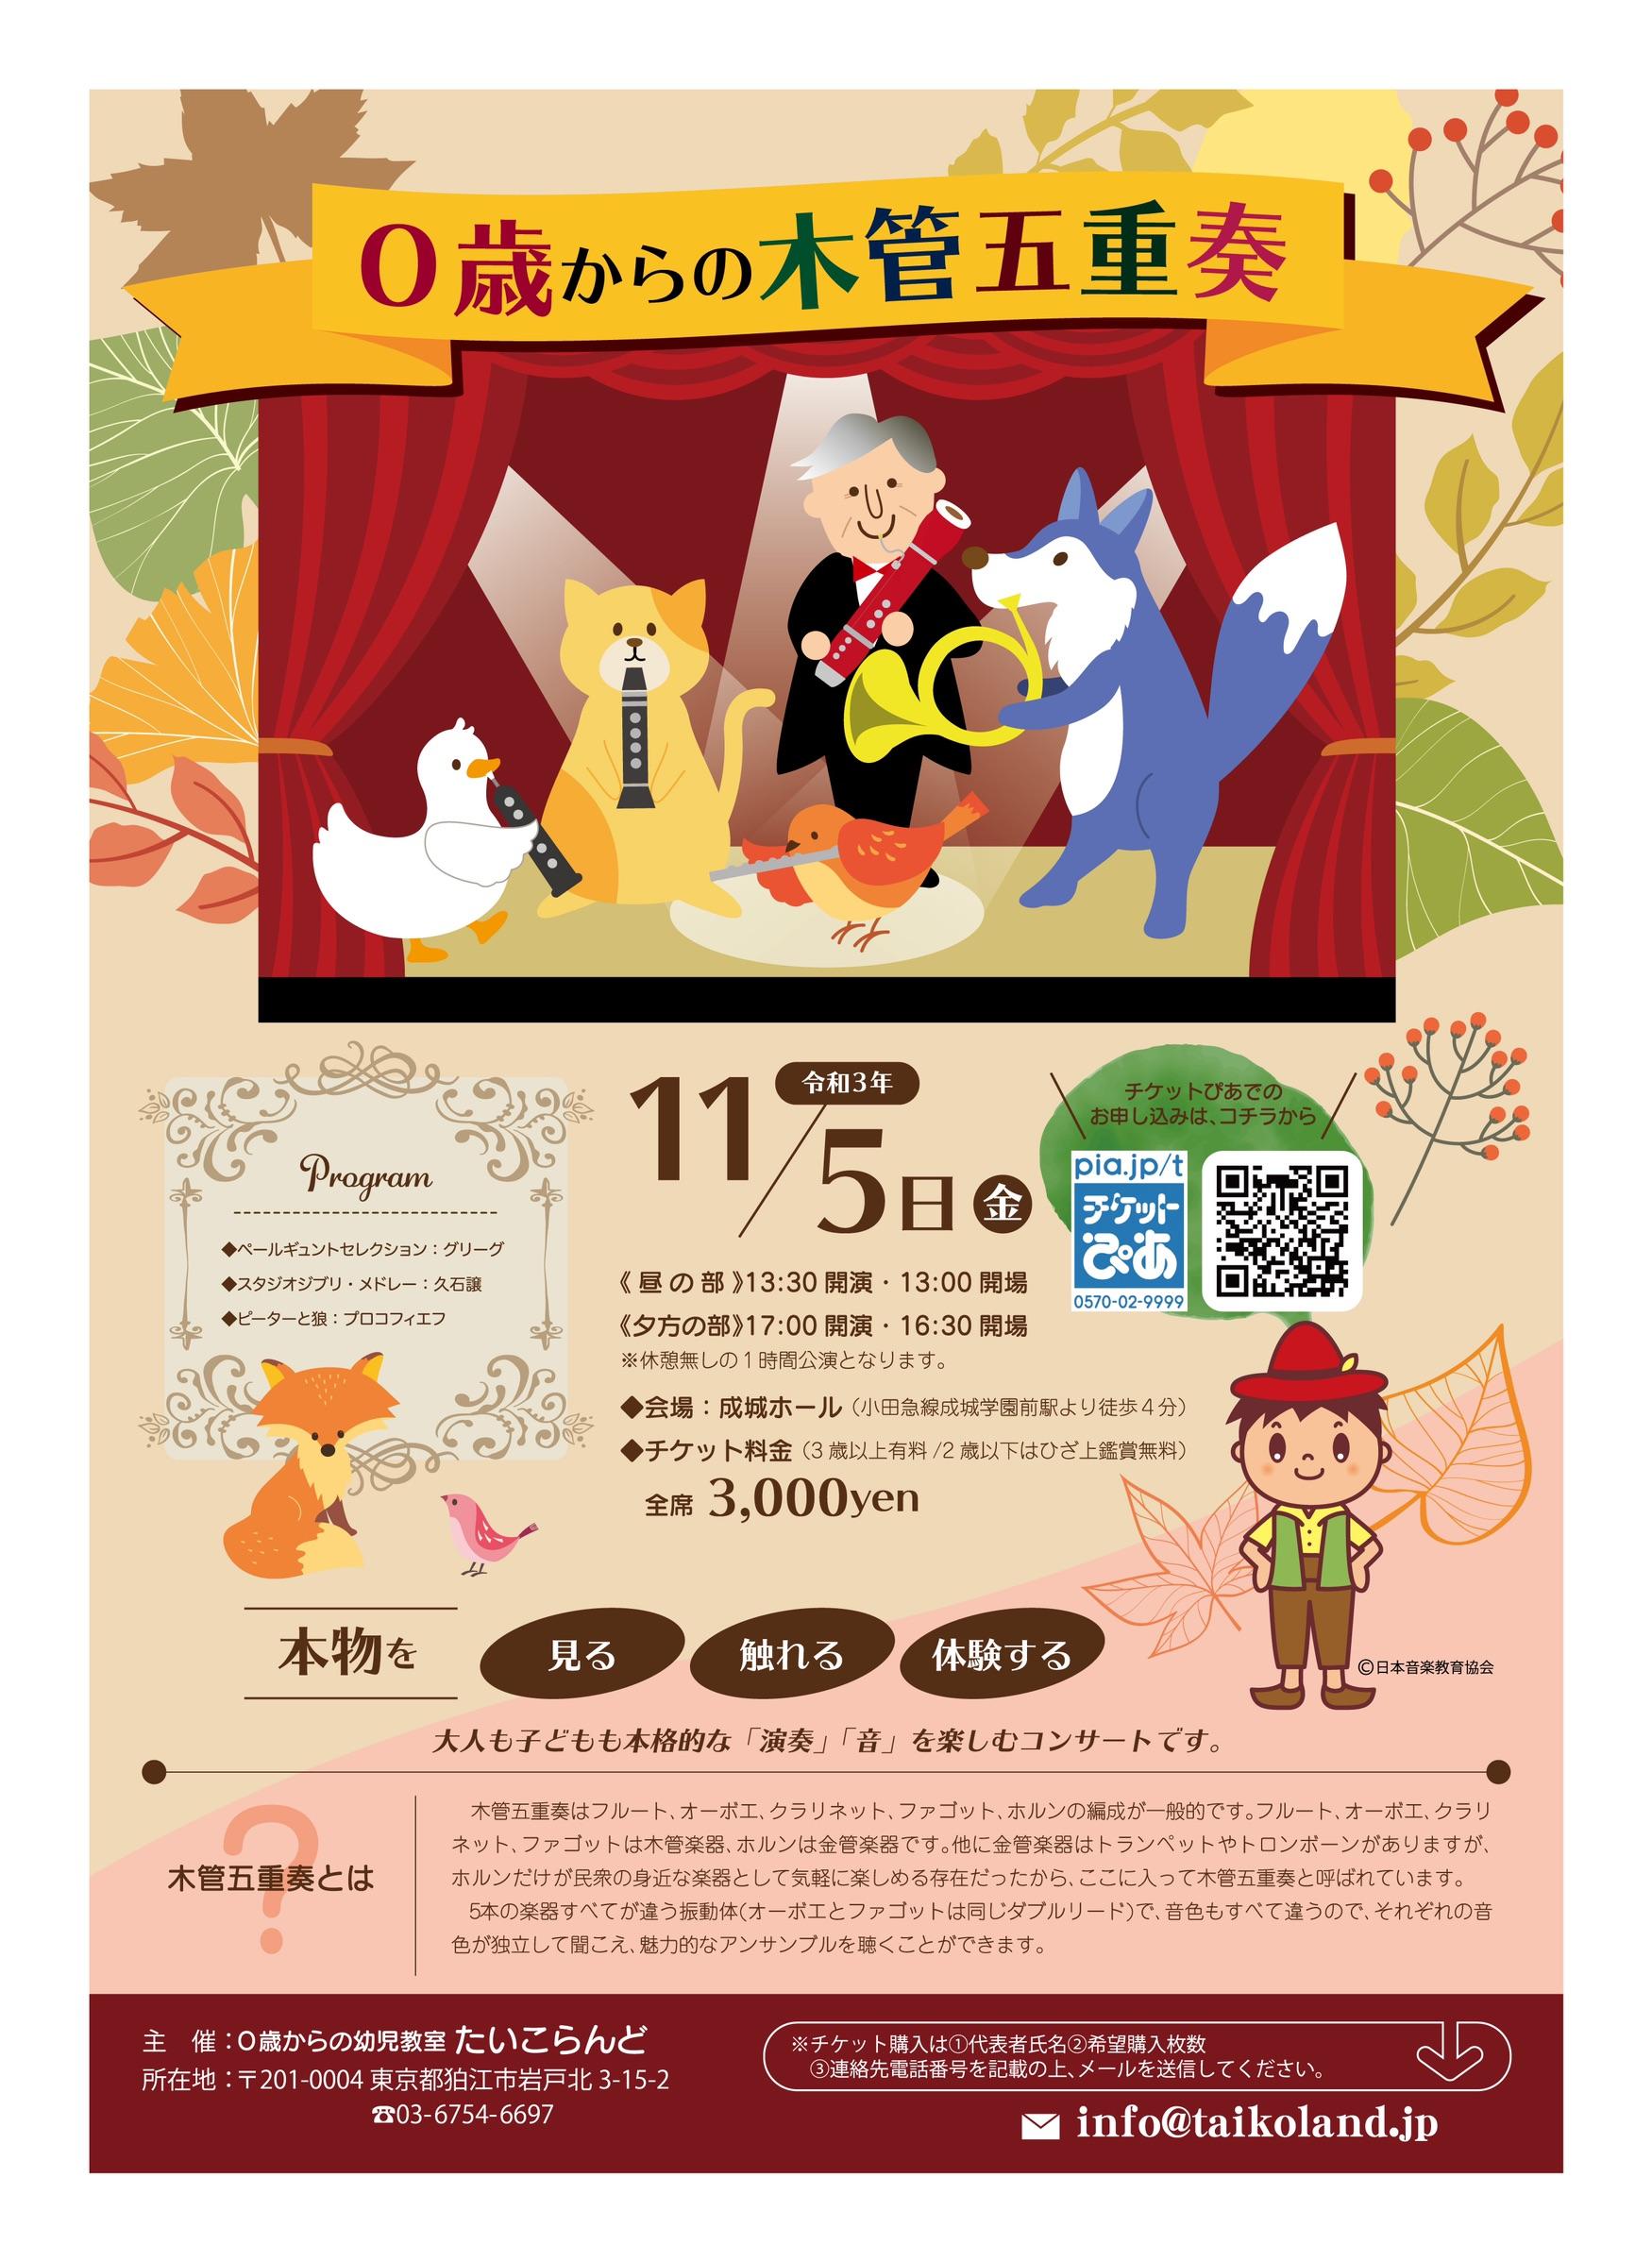 【たいこらんど】 11月5日にコンサートを行います!!